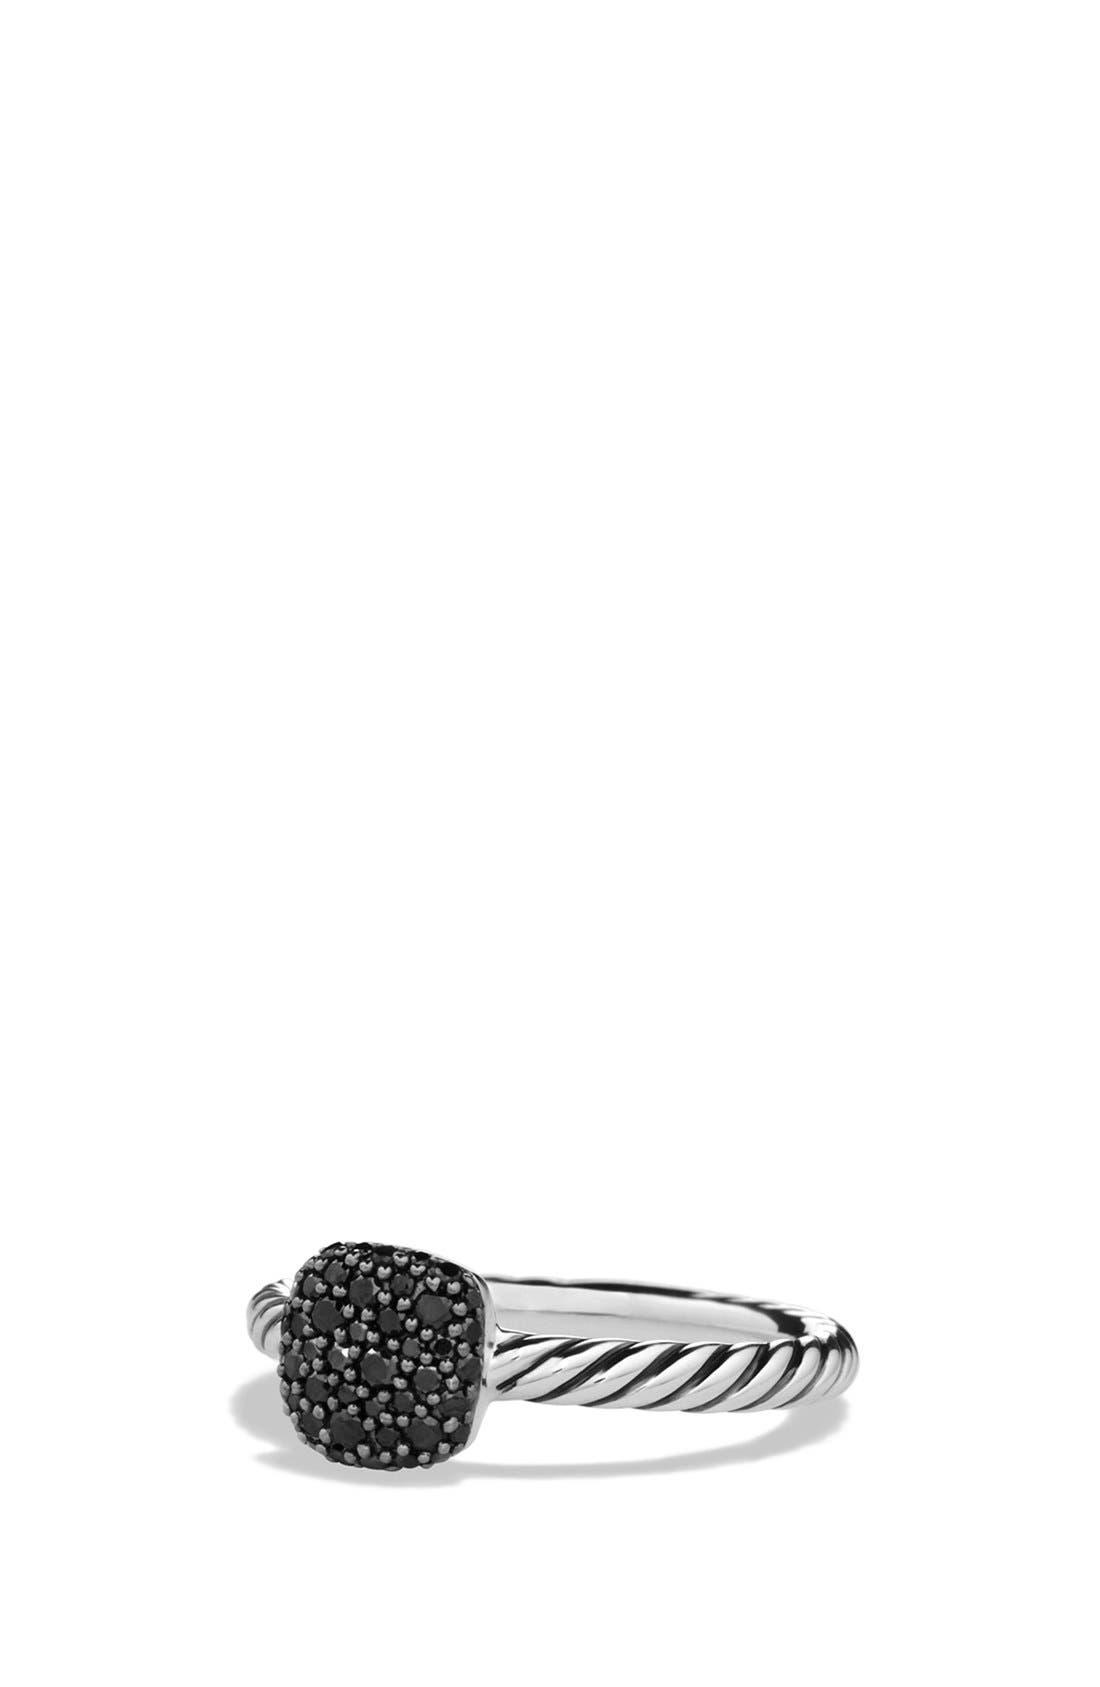 Main Image - David Yurman 'Pavé' Cushion Ring with Black Diamonds